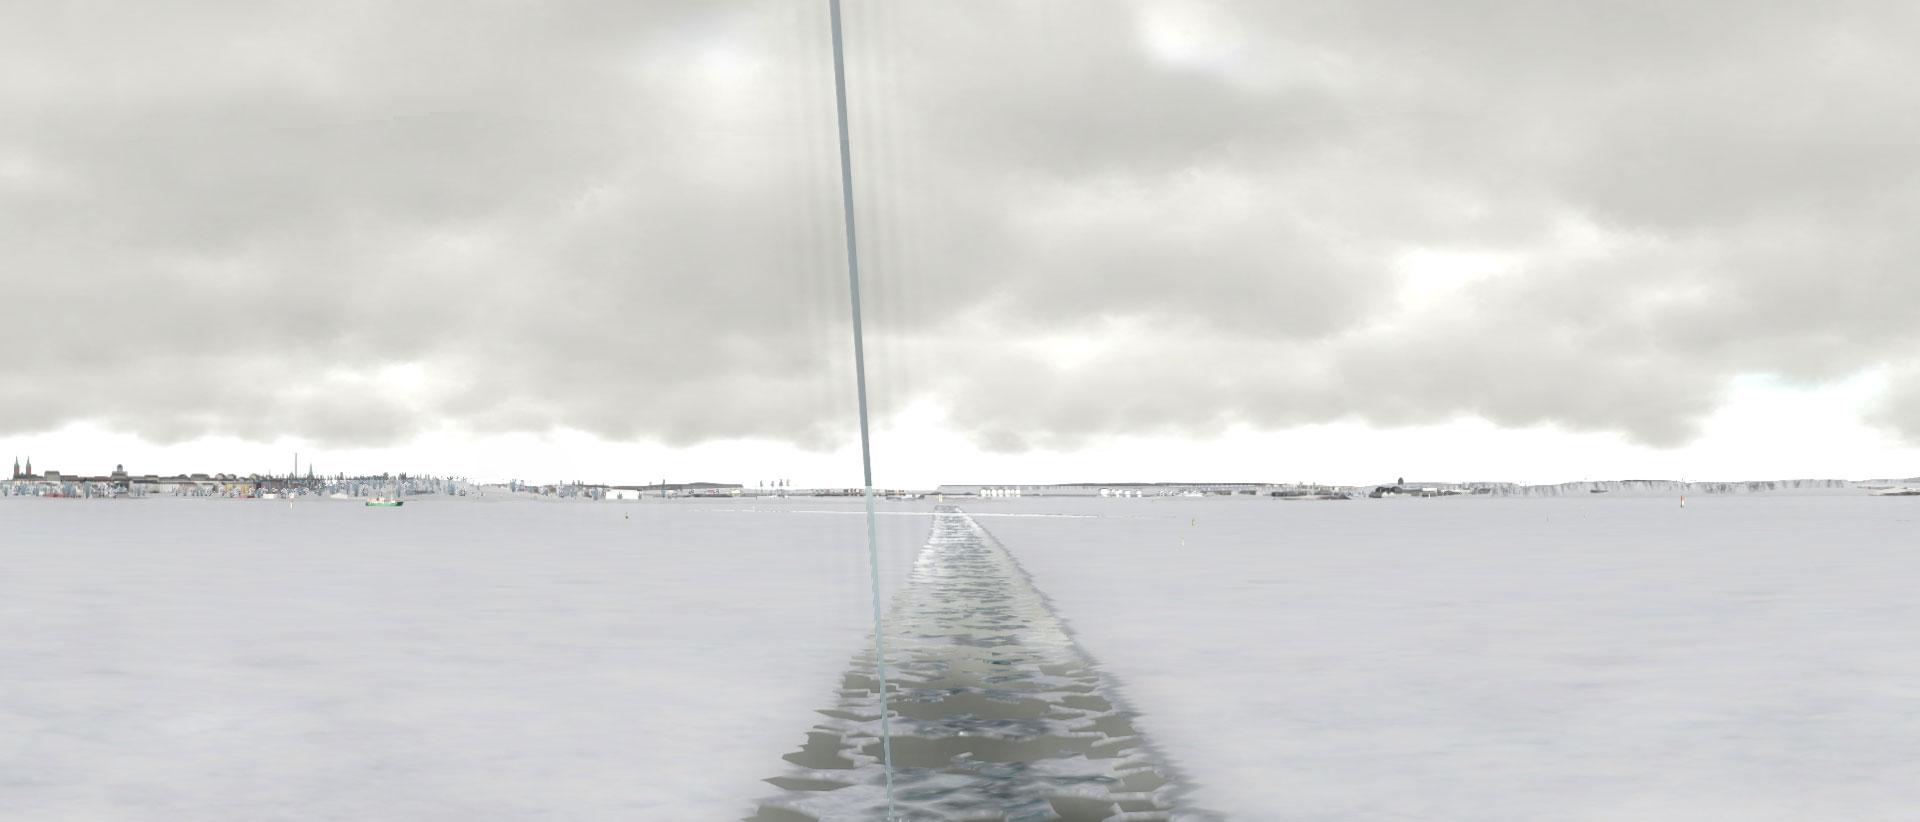 IS Komentosiltasimulaattori arktisiin olosuhteisiin